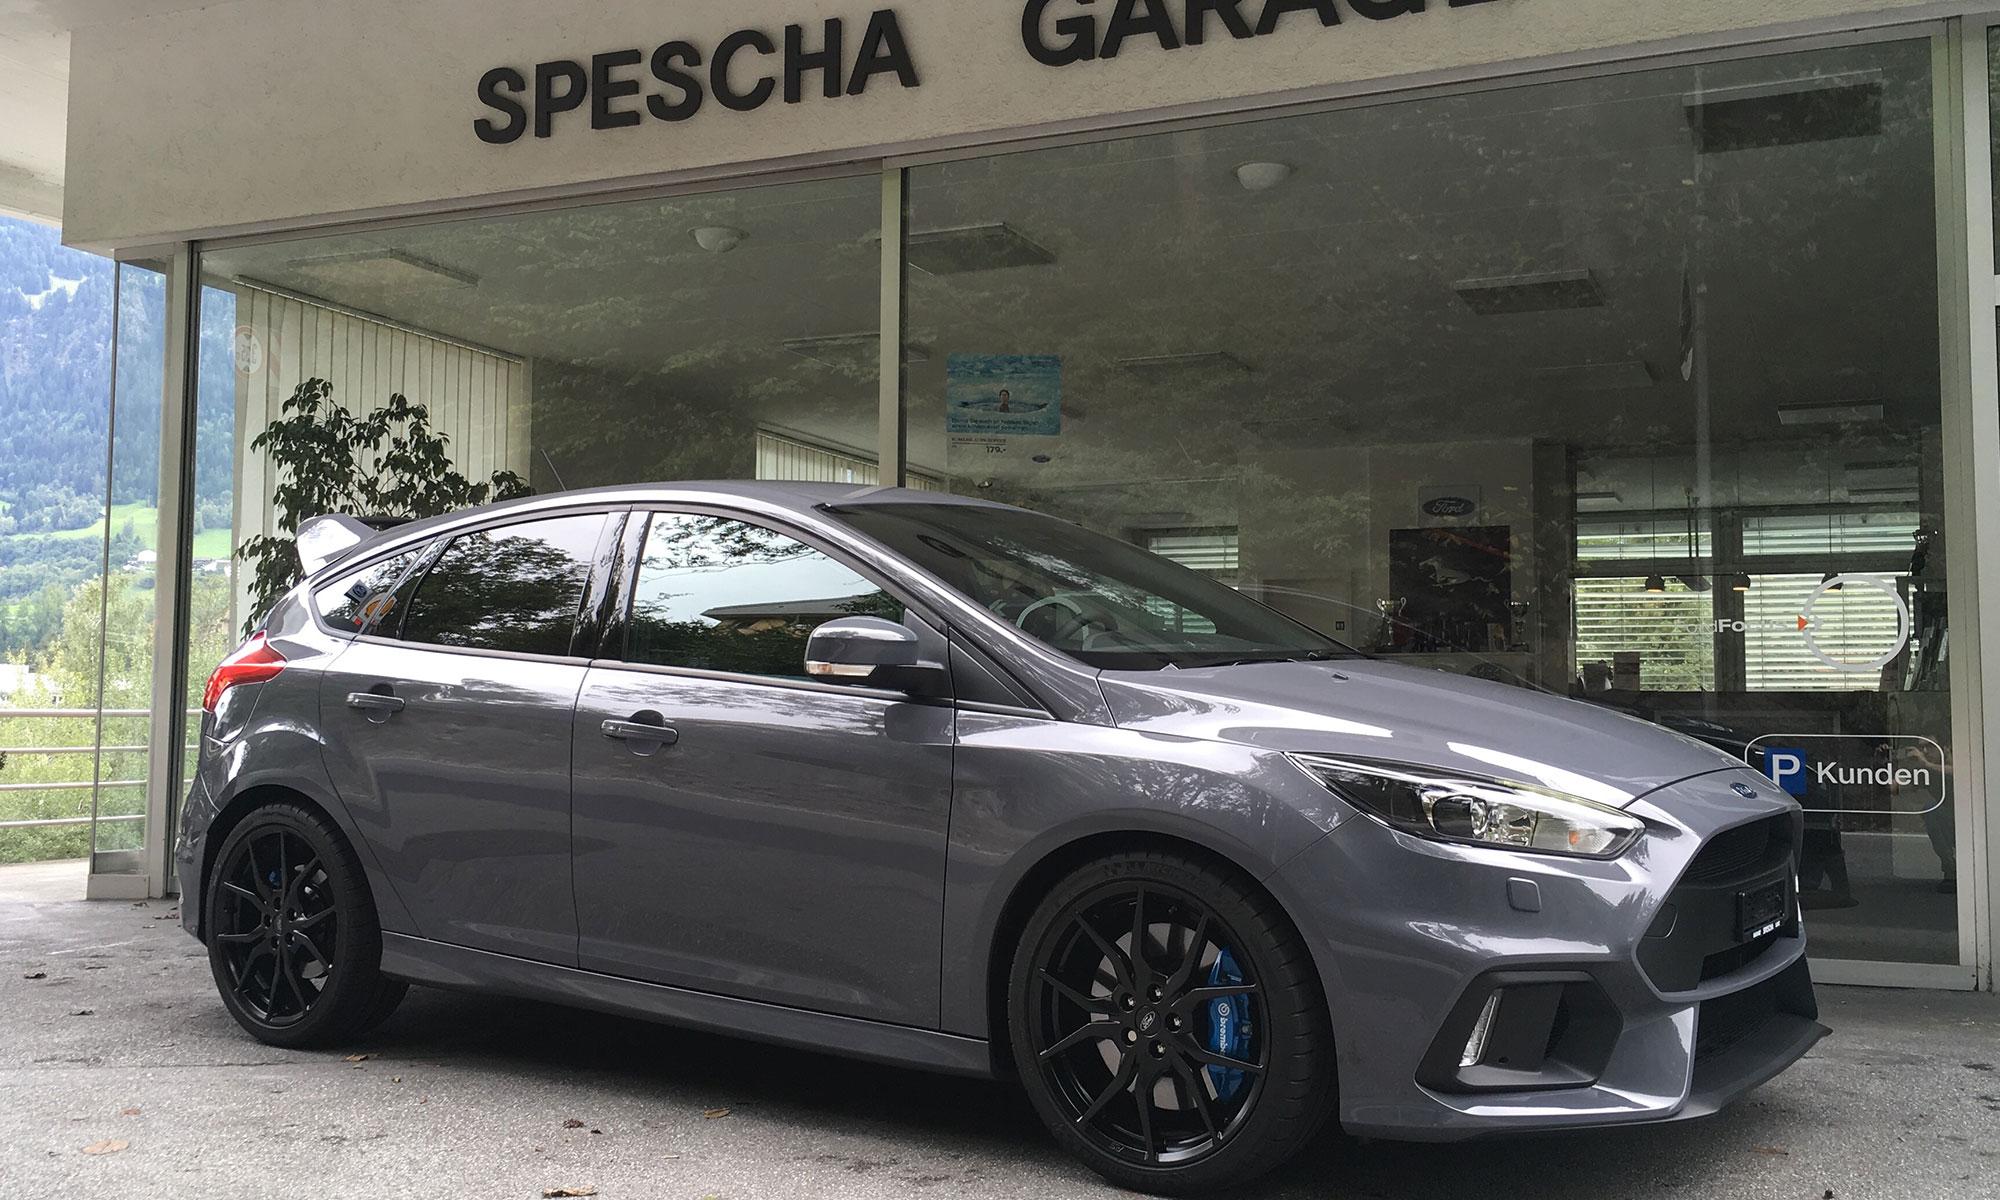 Spescha Garage Focus ST